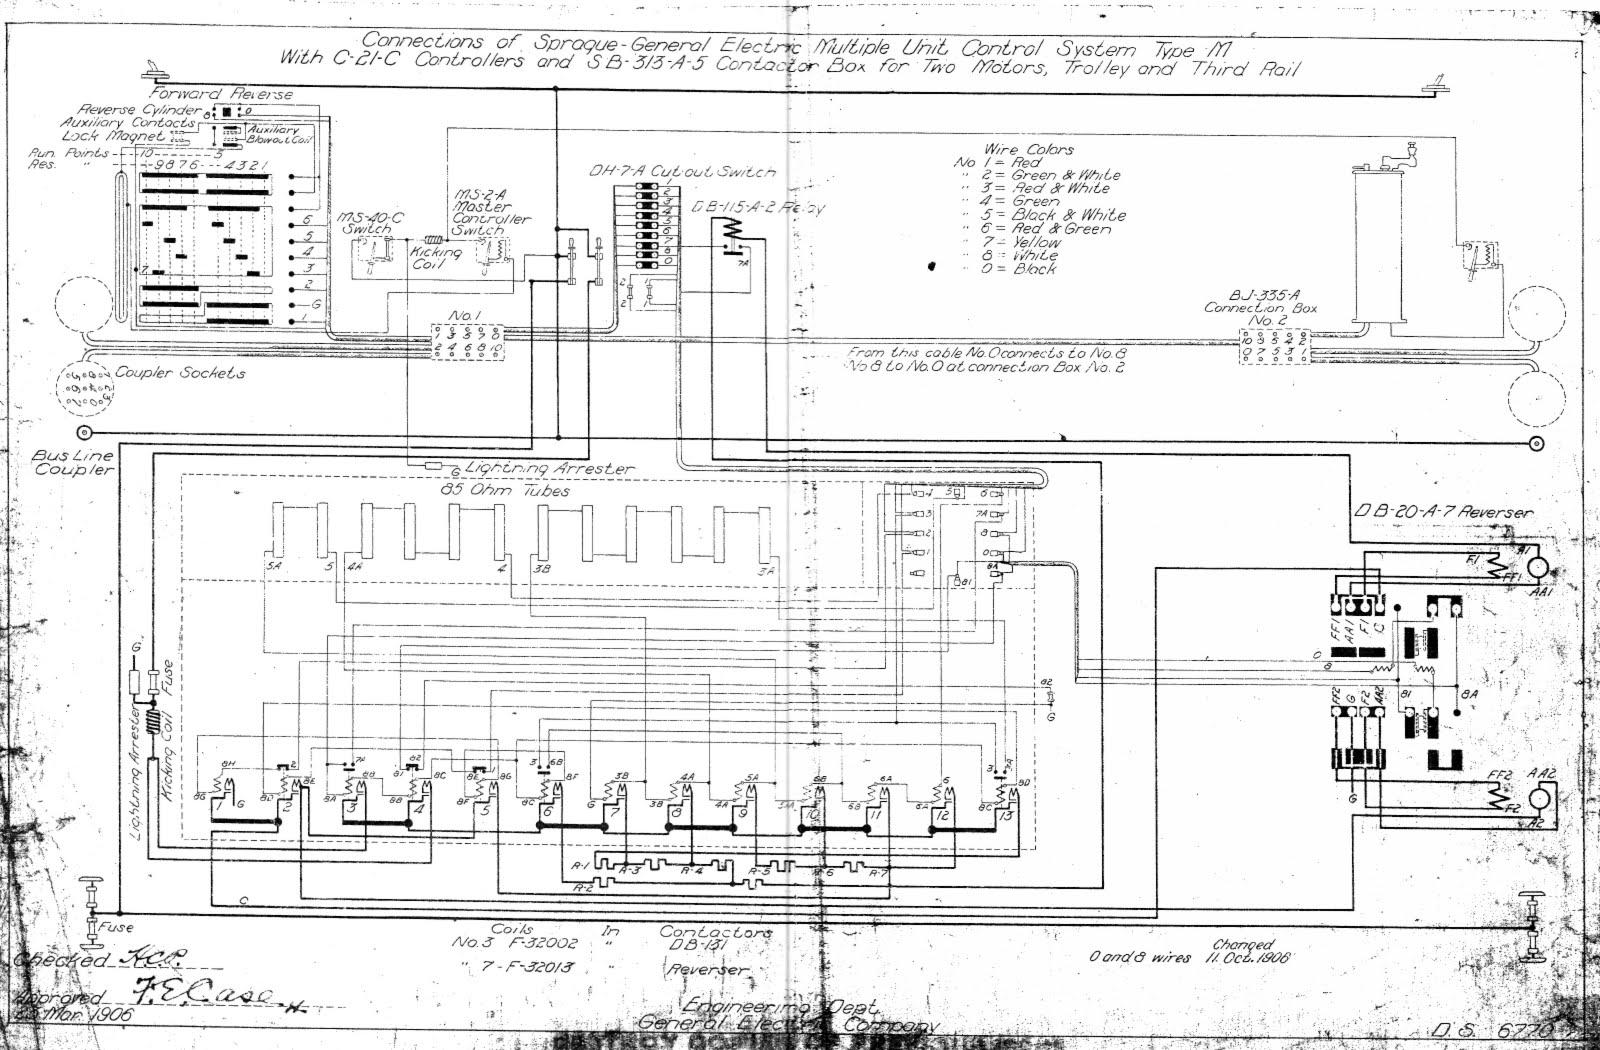 2003 1500 Chevy Truck Heater Wiring Diagrams Library Corvette Tail Light Diagram 2000 Gmc Dash Schematics Electrical Trailblazer Schematic Sierra